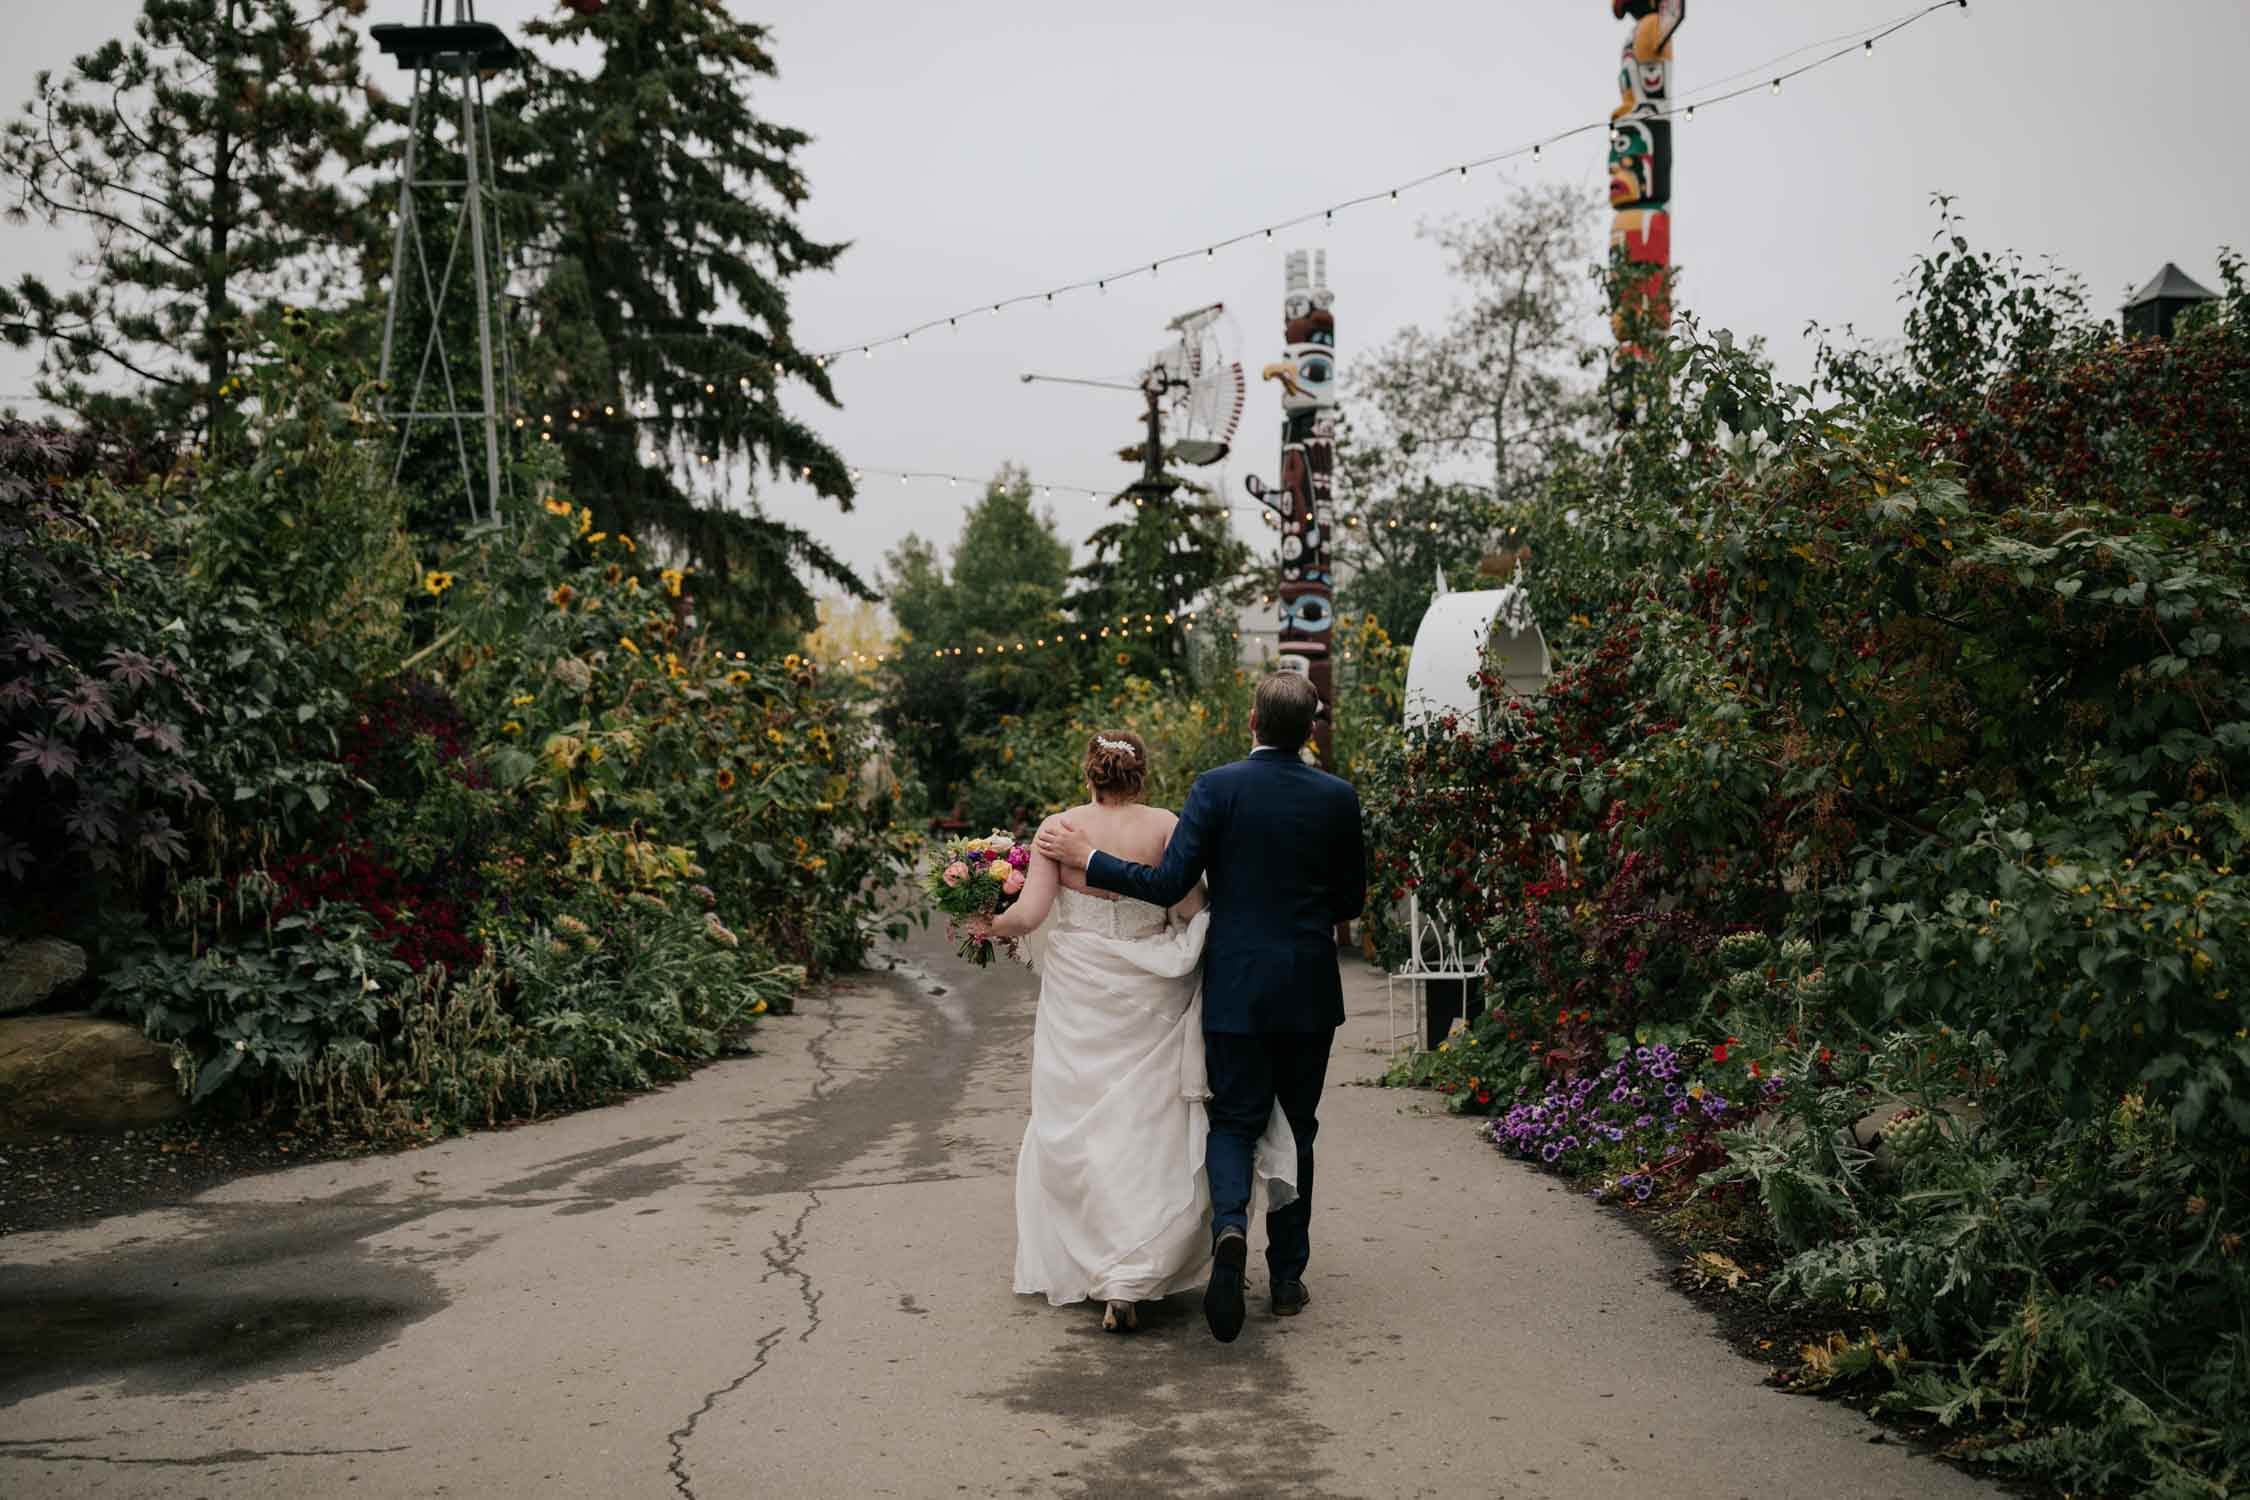 Bride and groom walk into wedding reception at Saskatoon Farm Wedding Venue in Calgary, Alberta.